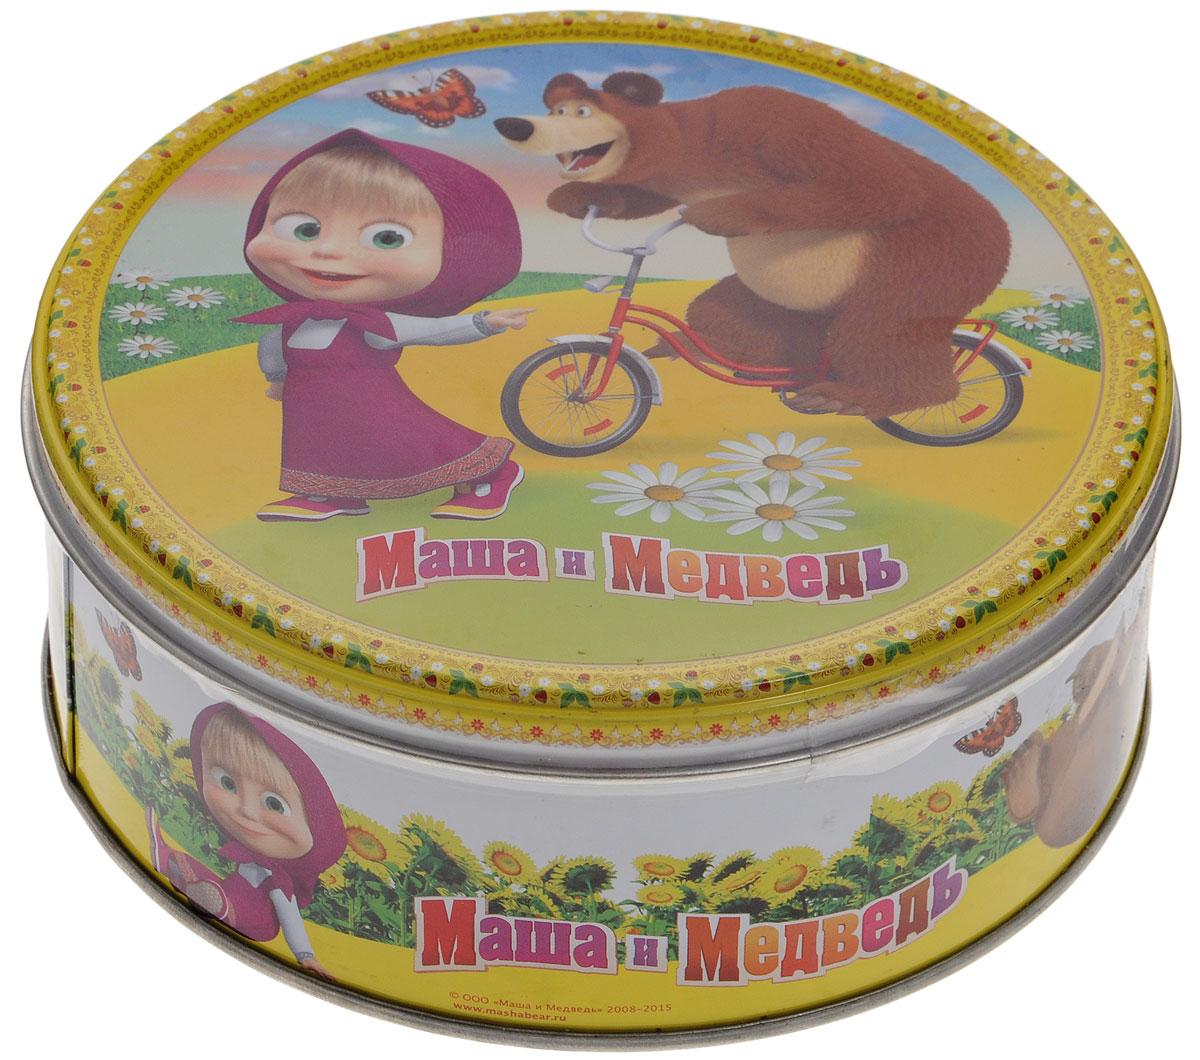 Маша и Медведь печенье сдобное с кусочками шоколада, 150 г4600416016891_медведь на велосипедеМаша и Медведь - 100% сдобное печенье с кусочками шоколада. Печенье упаковано в металлическую банку с изображением героев мультфильма Маша и Медведь. Такое печенье станет оригинальным подарком.